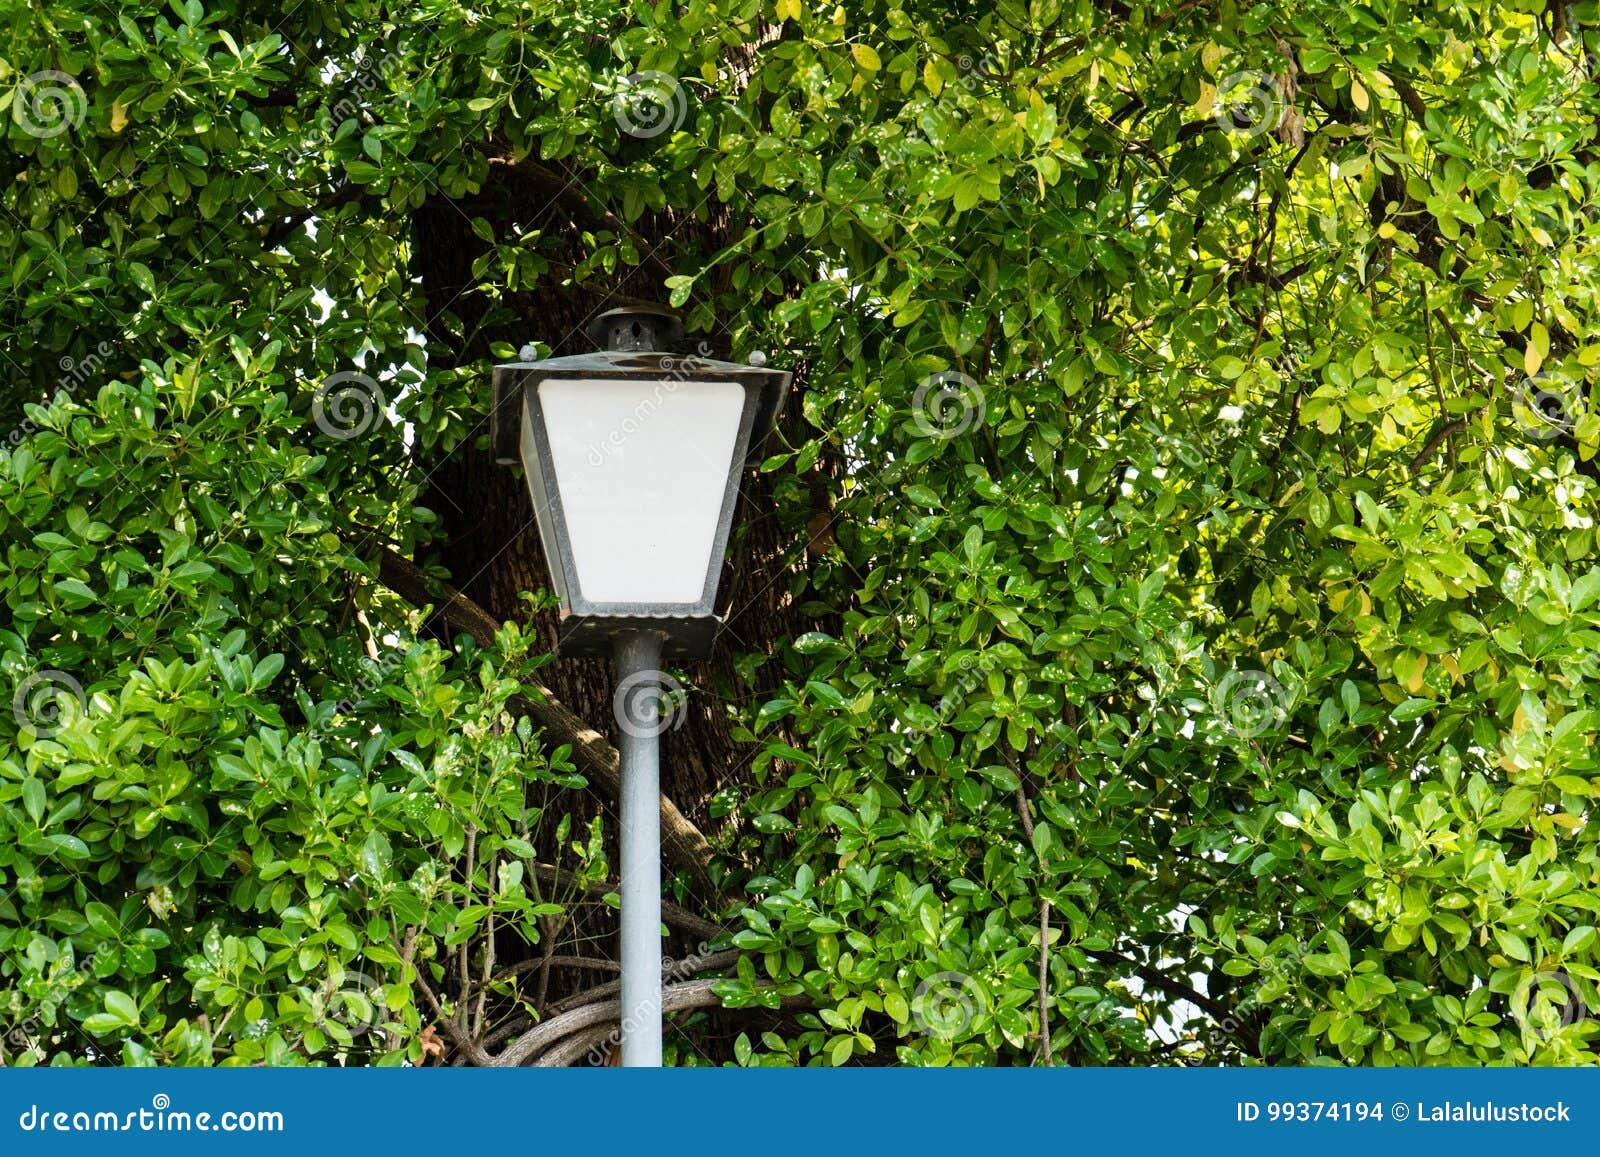 Poteau de réverbère entouré par un arbre avec des feuilles